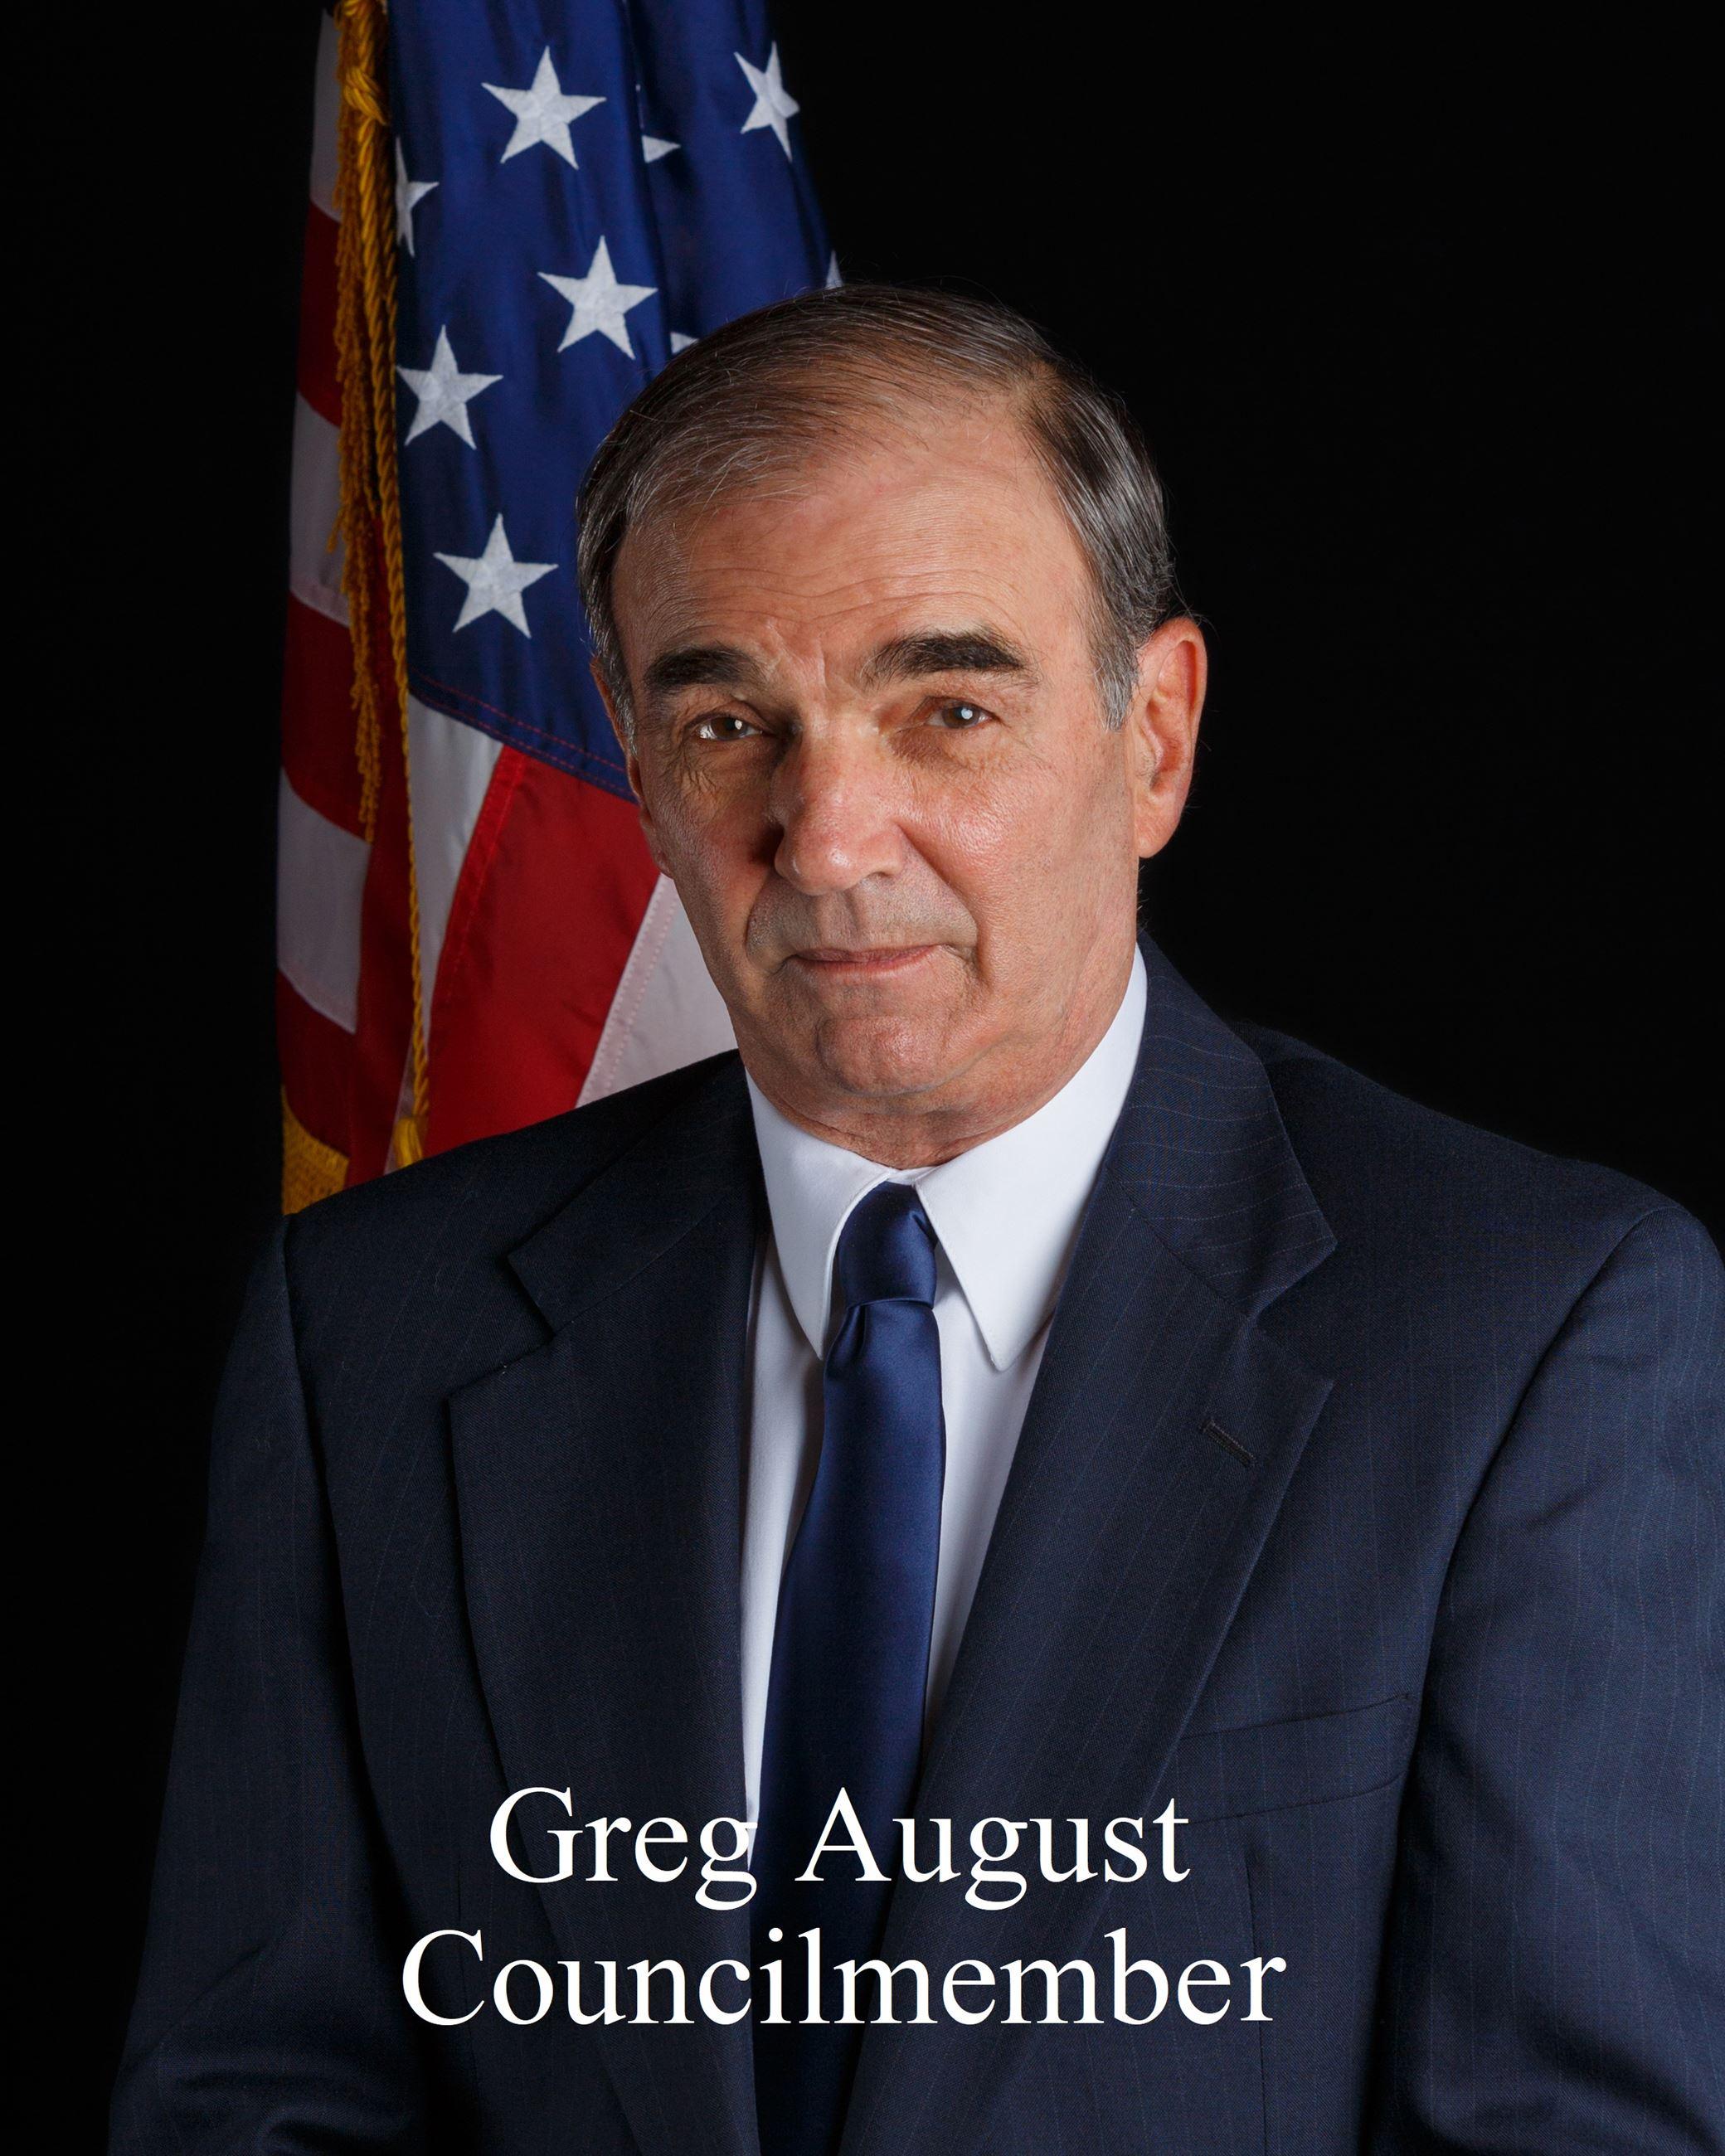 August Councilmember